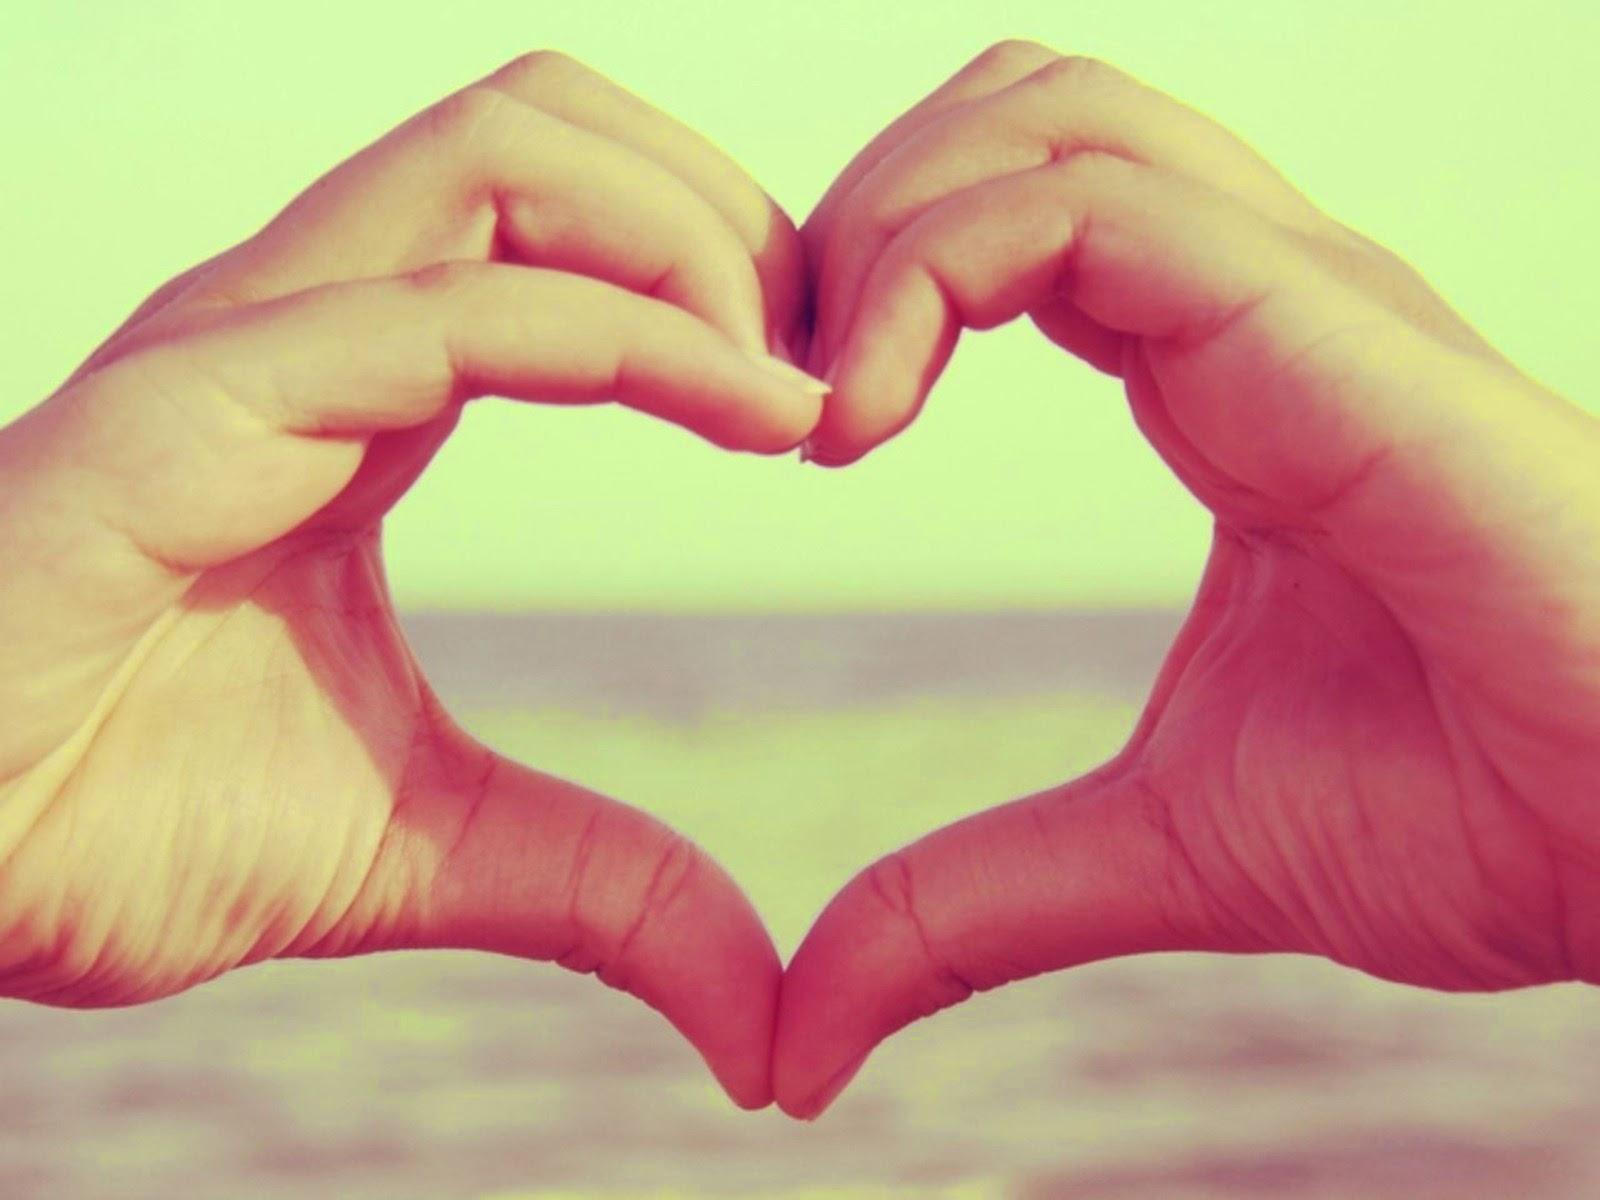 صورة صور حب وغرام , صور جميله للحب والغرام الرومانسي